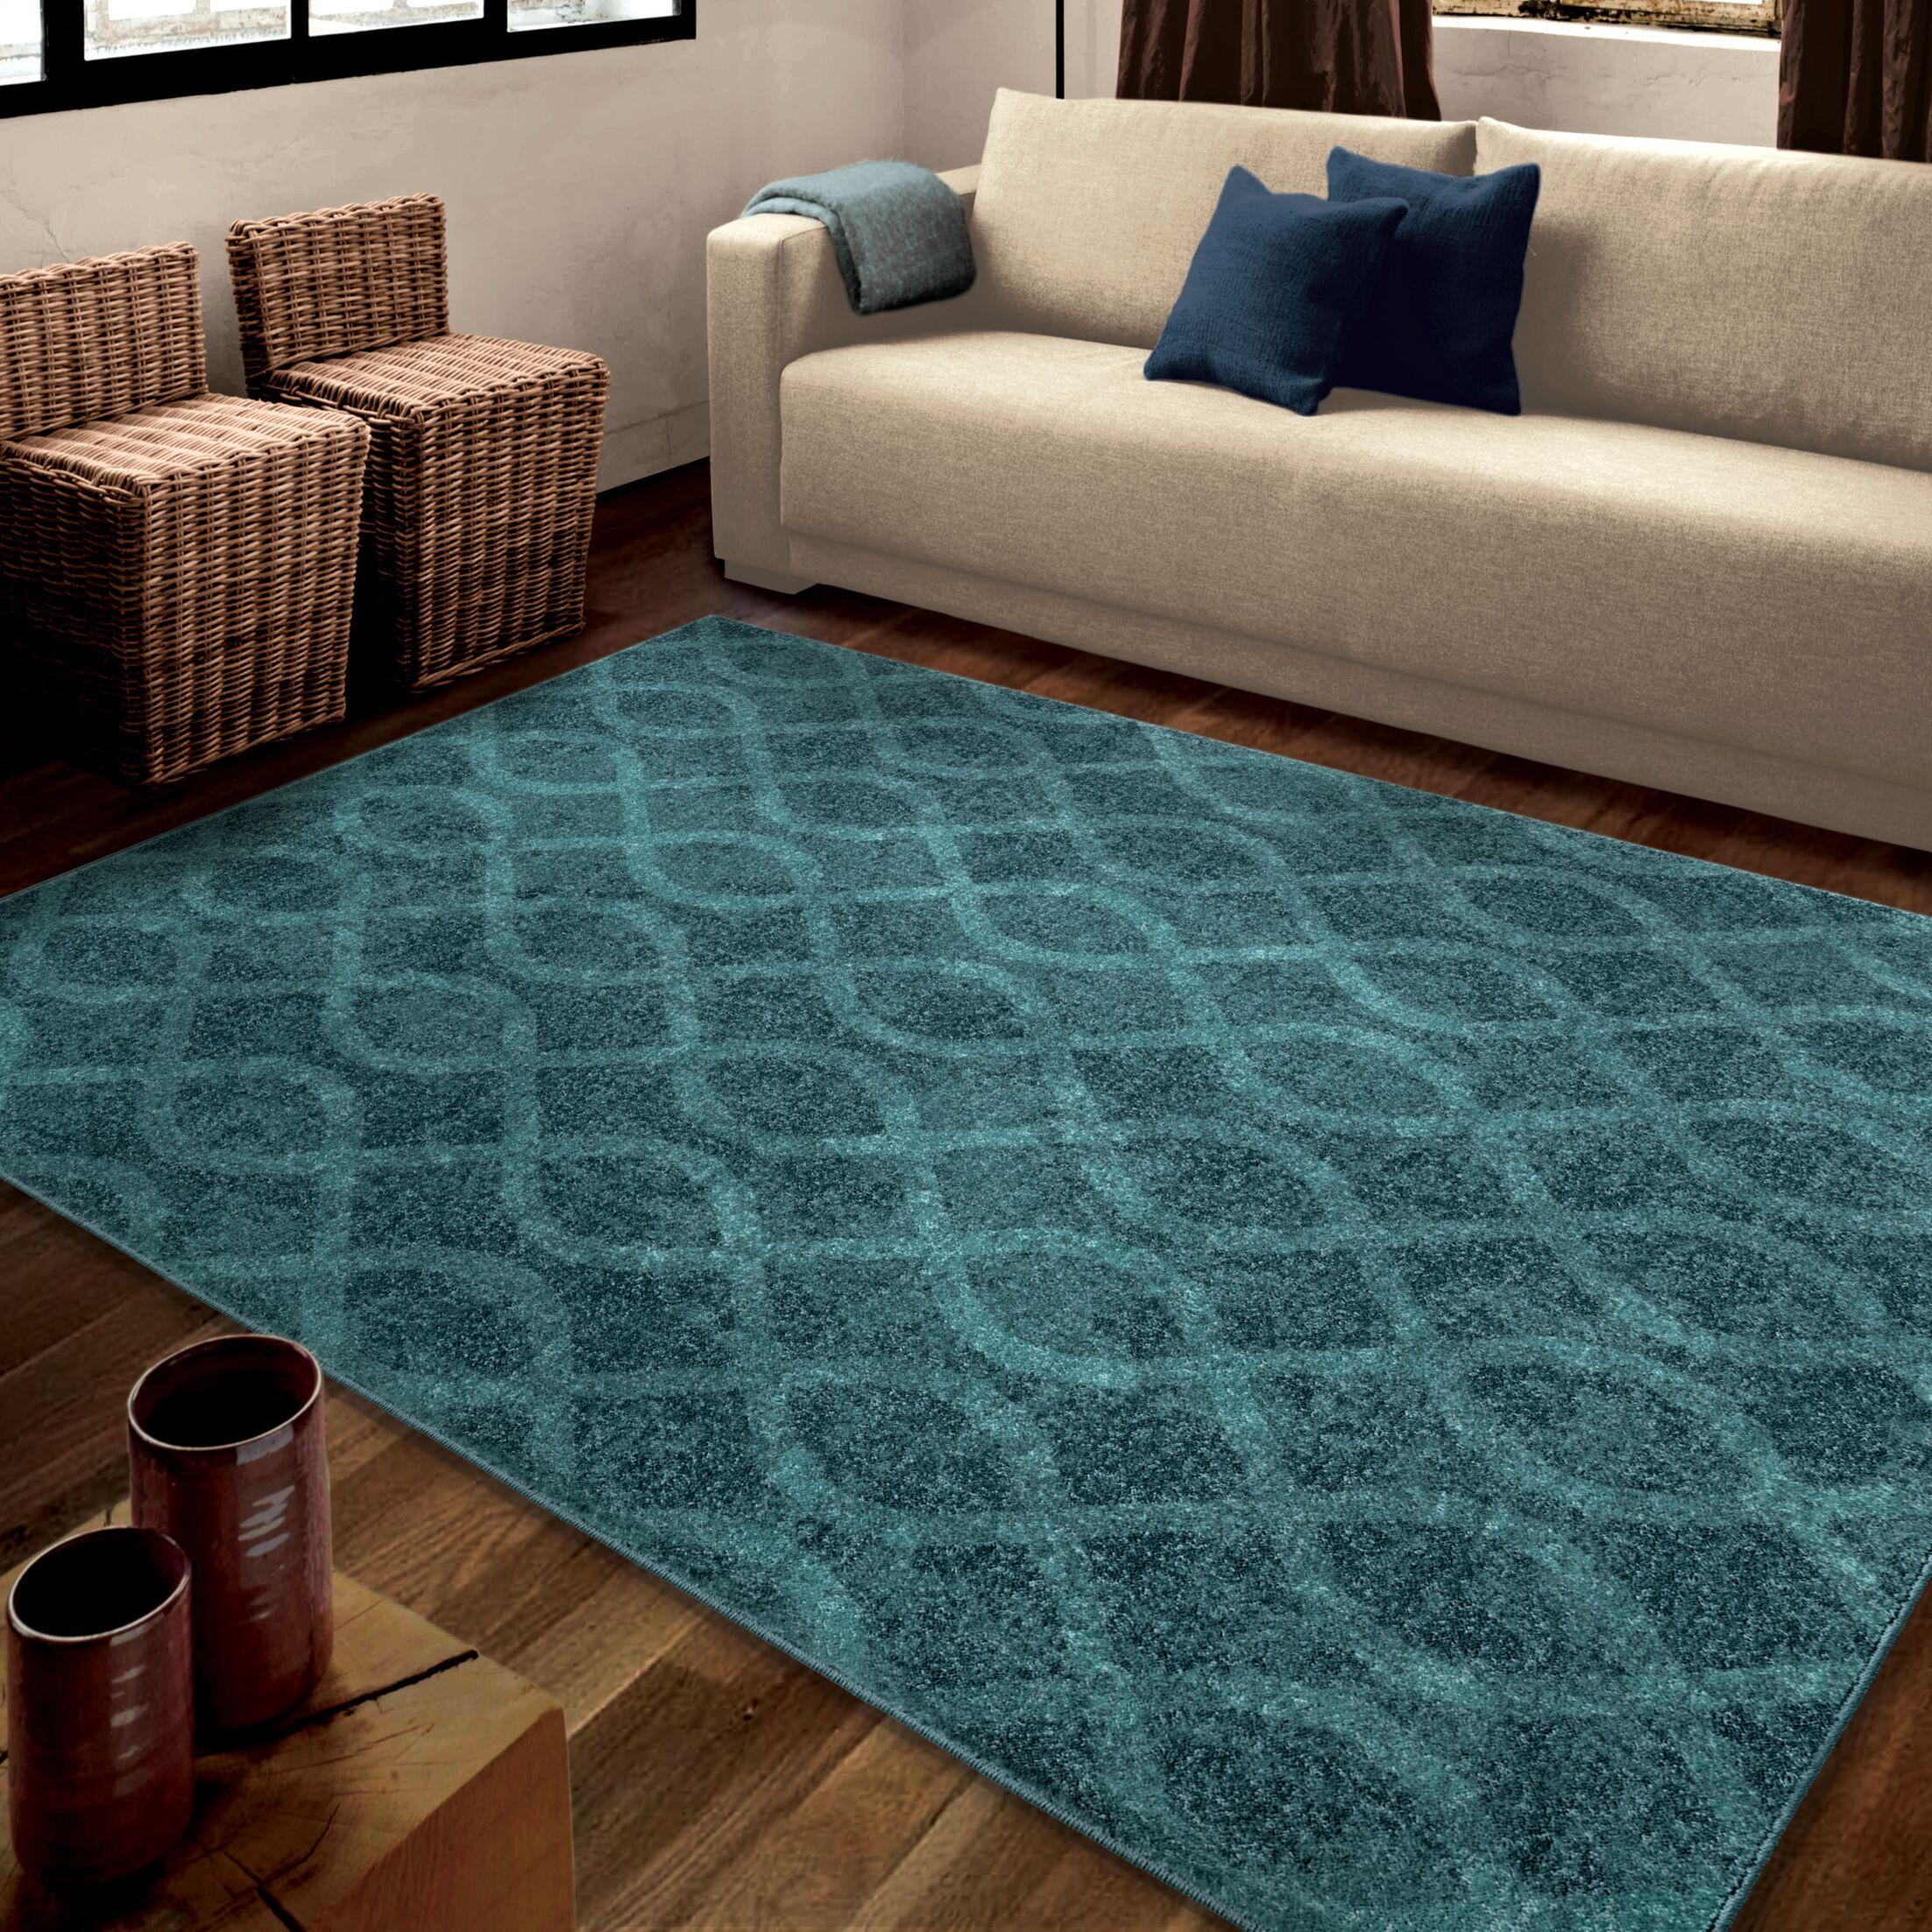 Dora Blue Area Rug Rug Size: 5'3